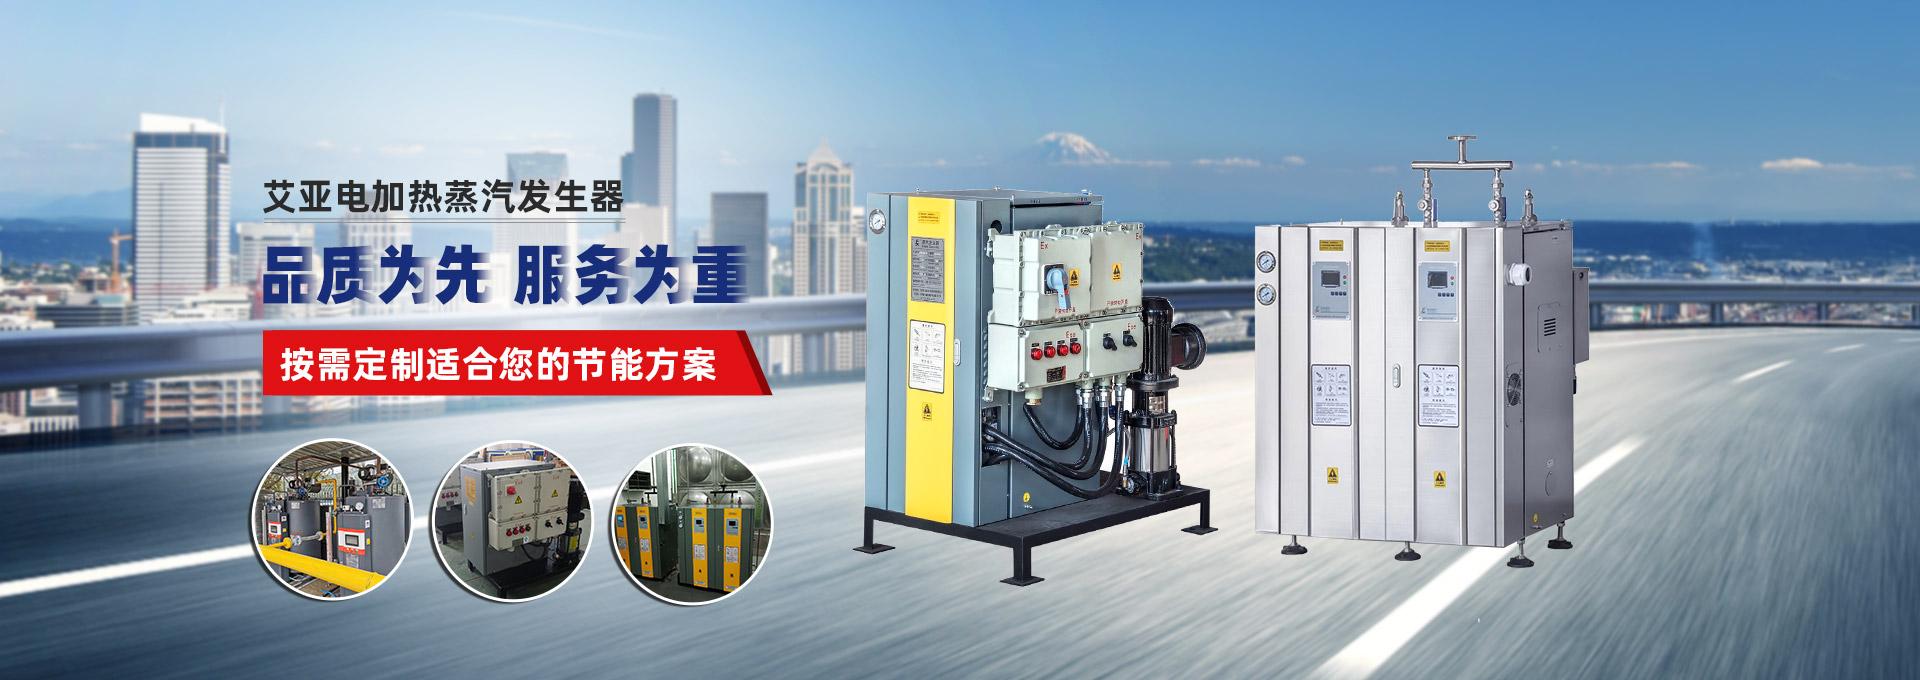 艾亚电加热蒸汽发生器品质为先,服务为重